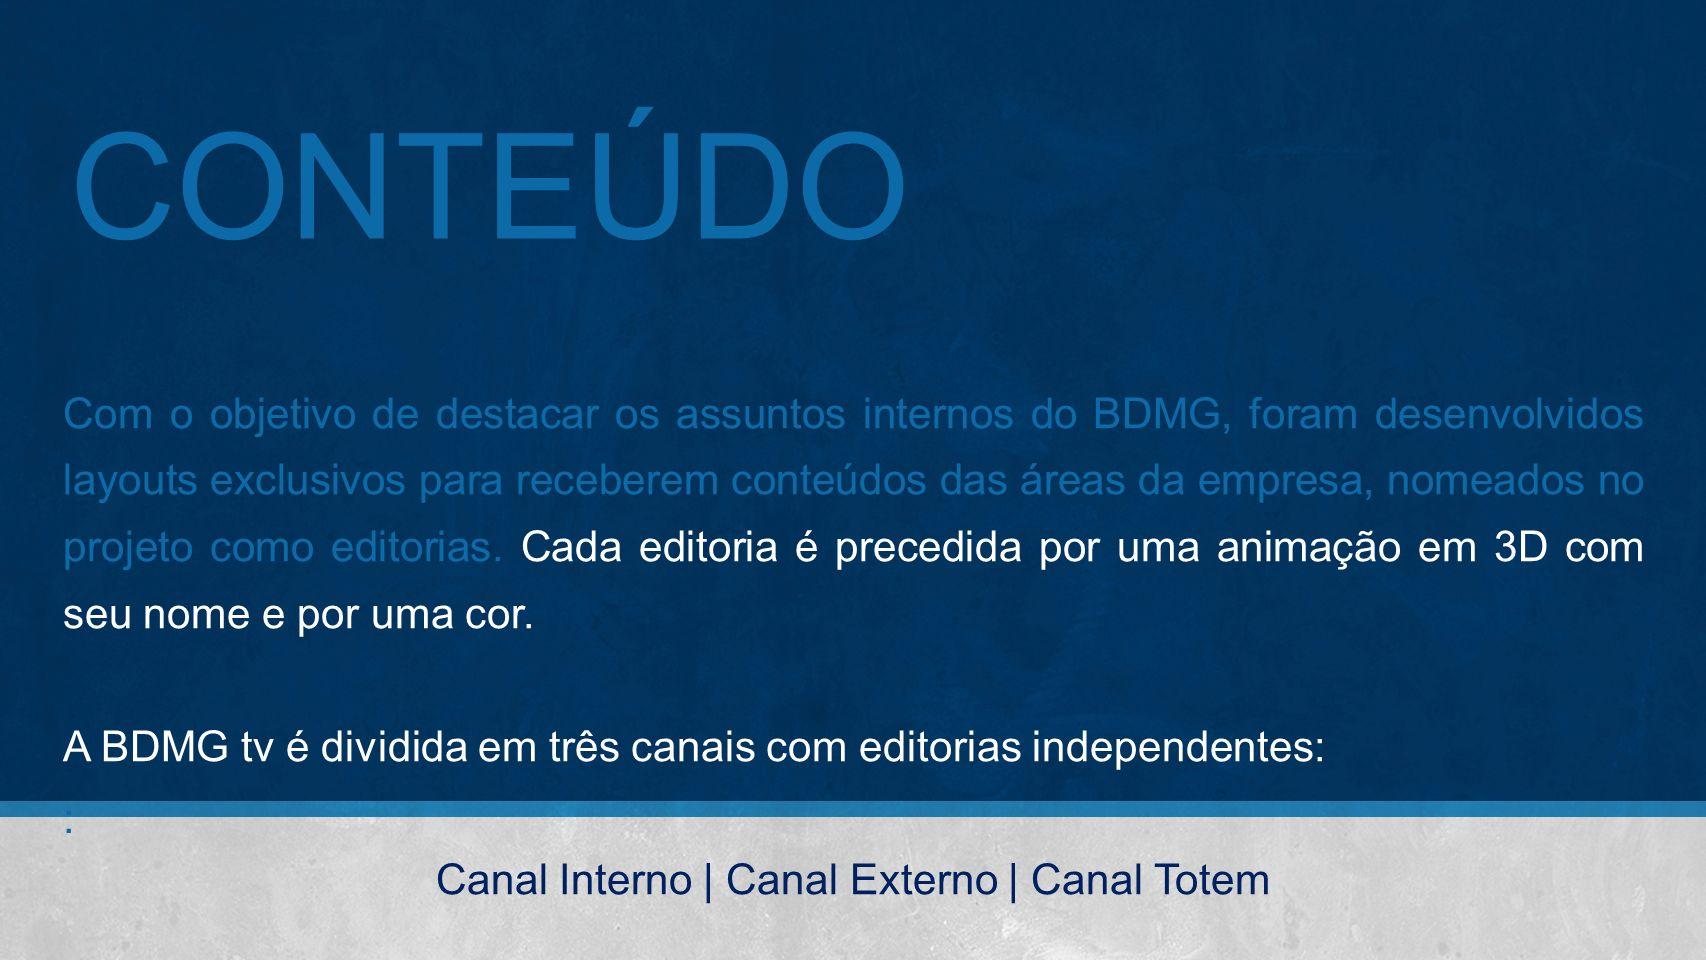 CONTEÚDO Com o objetivo de destacar os assuntos internos do BDMG, foram desenvolvidos layouts exclusivos para receberem conteúdos das áreas da empresa